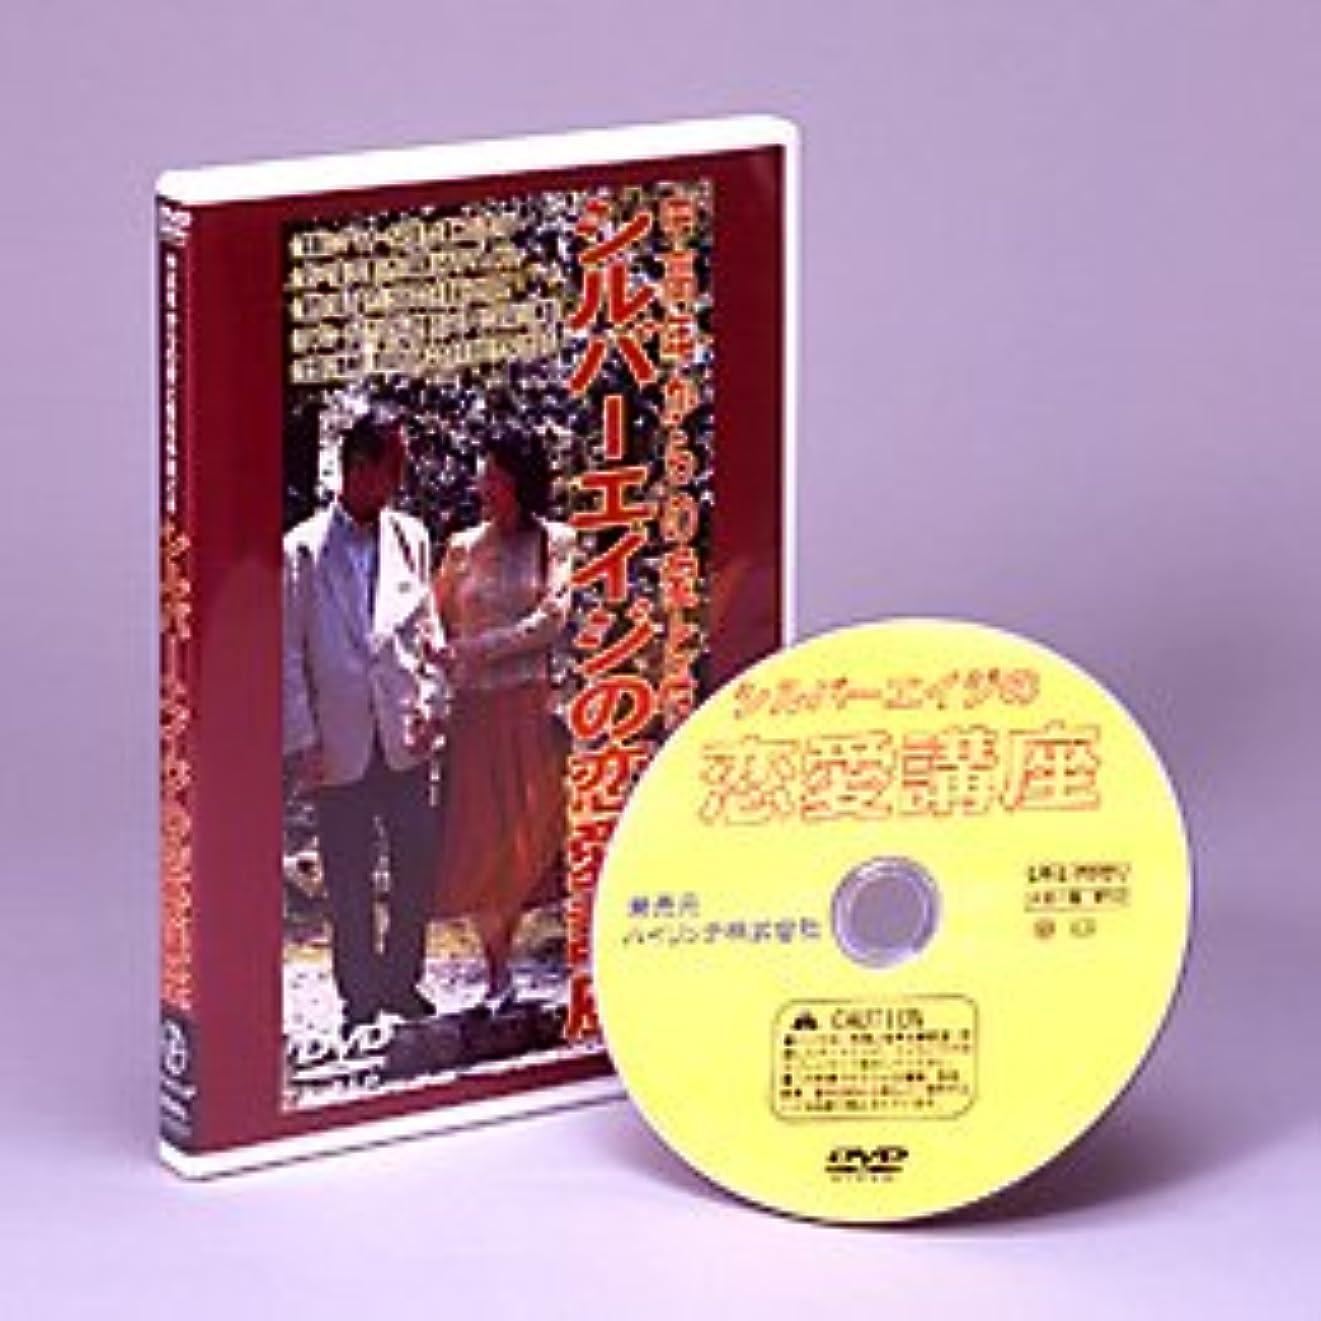 三番倉庫ガイド●アプローチの方法から恋愛のマナーまで●シルバーエイジの恋愛講座DVD